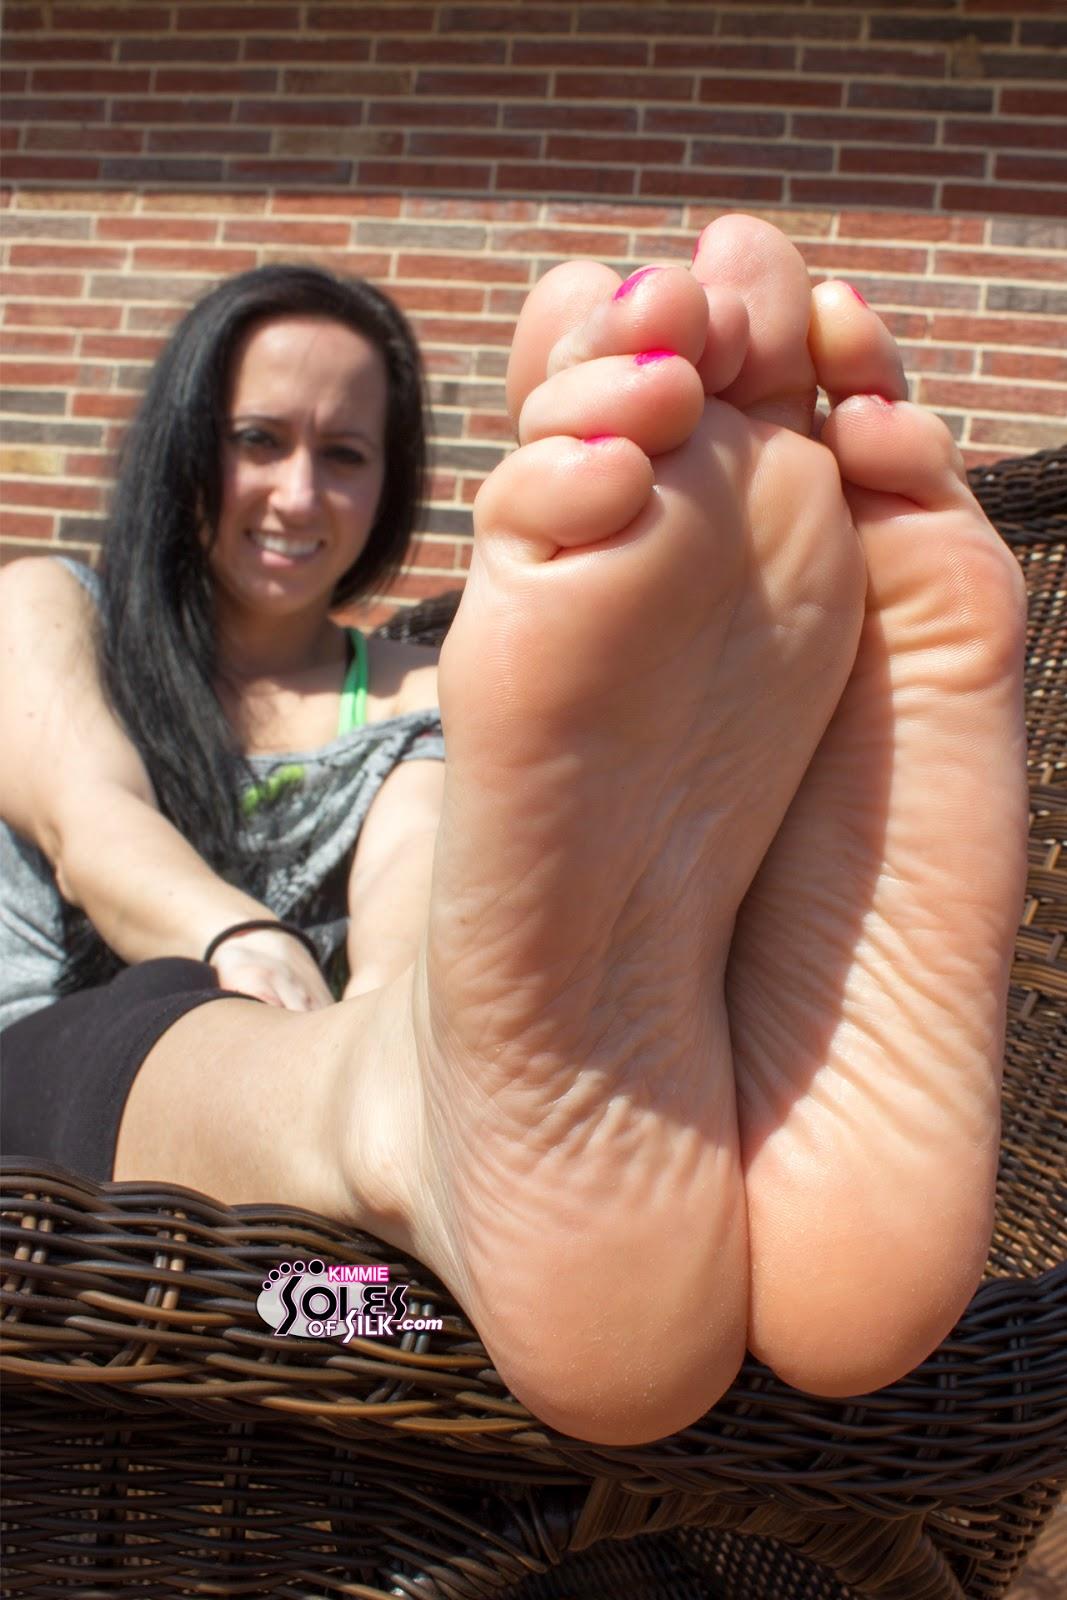 shaved stilletto heels tied